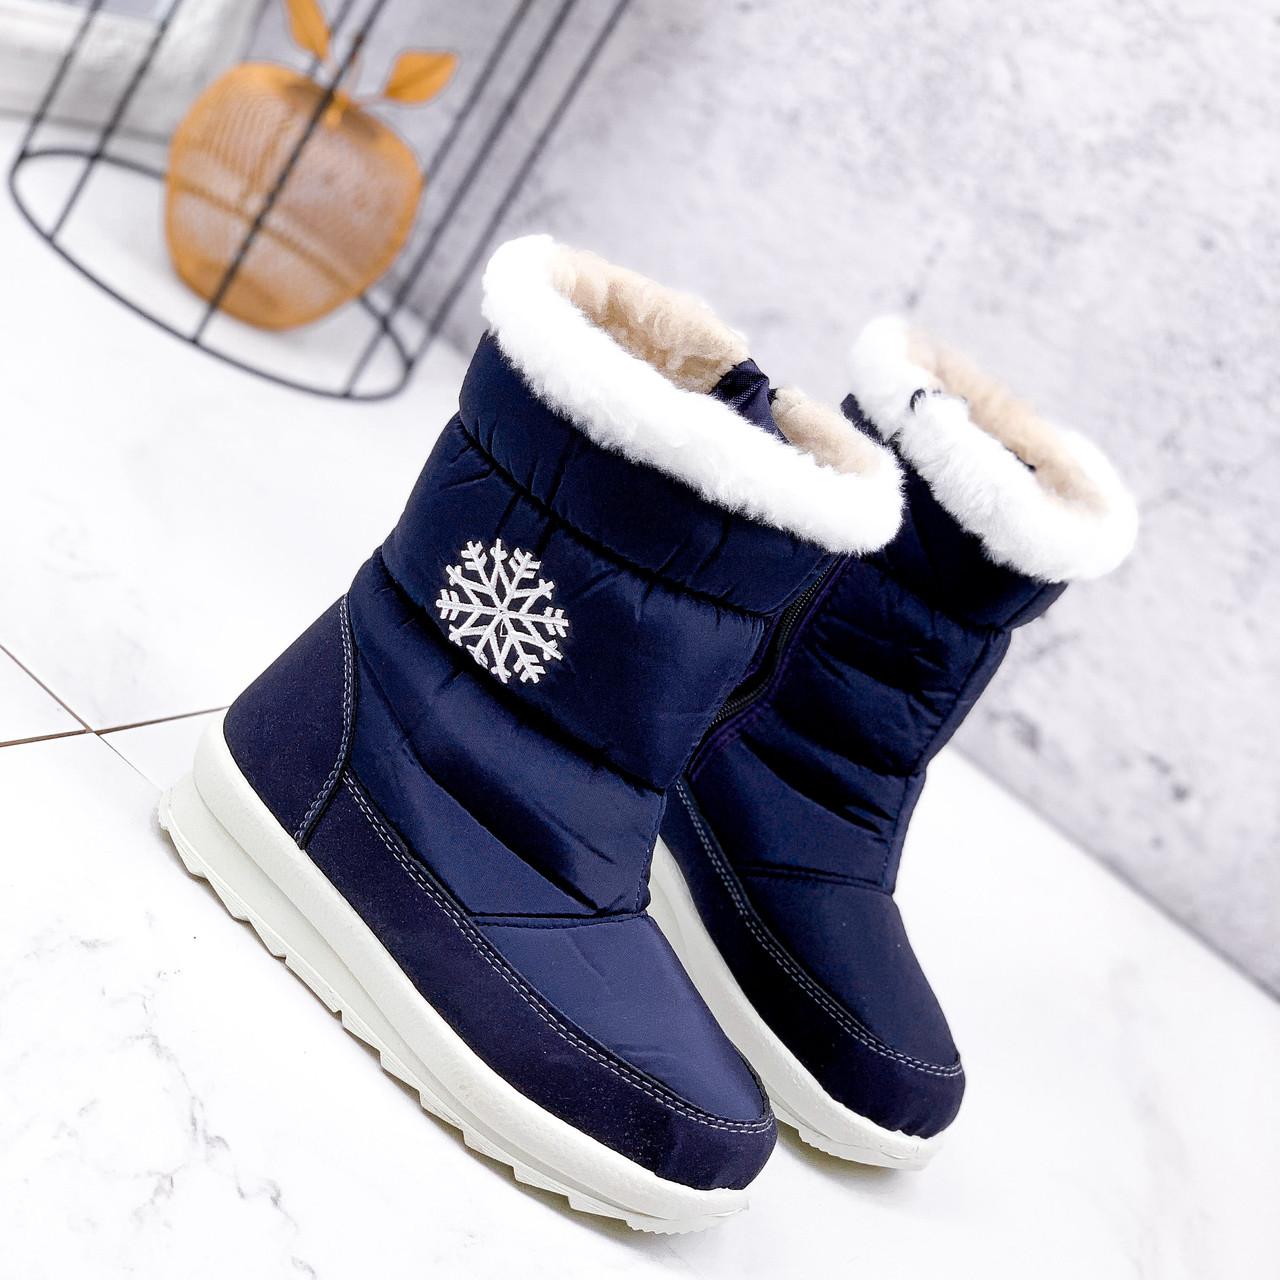 Сапоги дутики женские Снежинка синие 2509